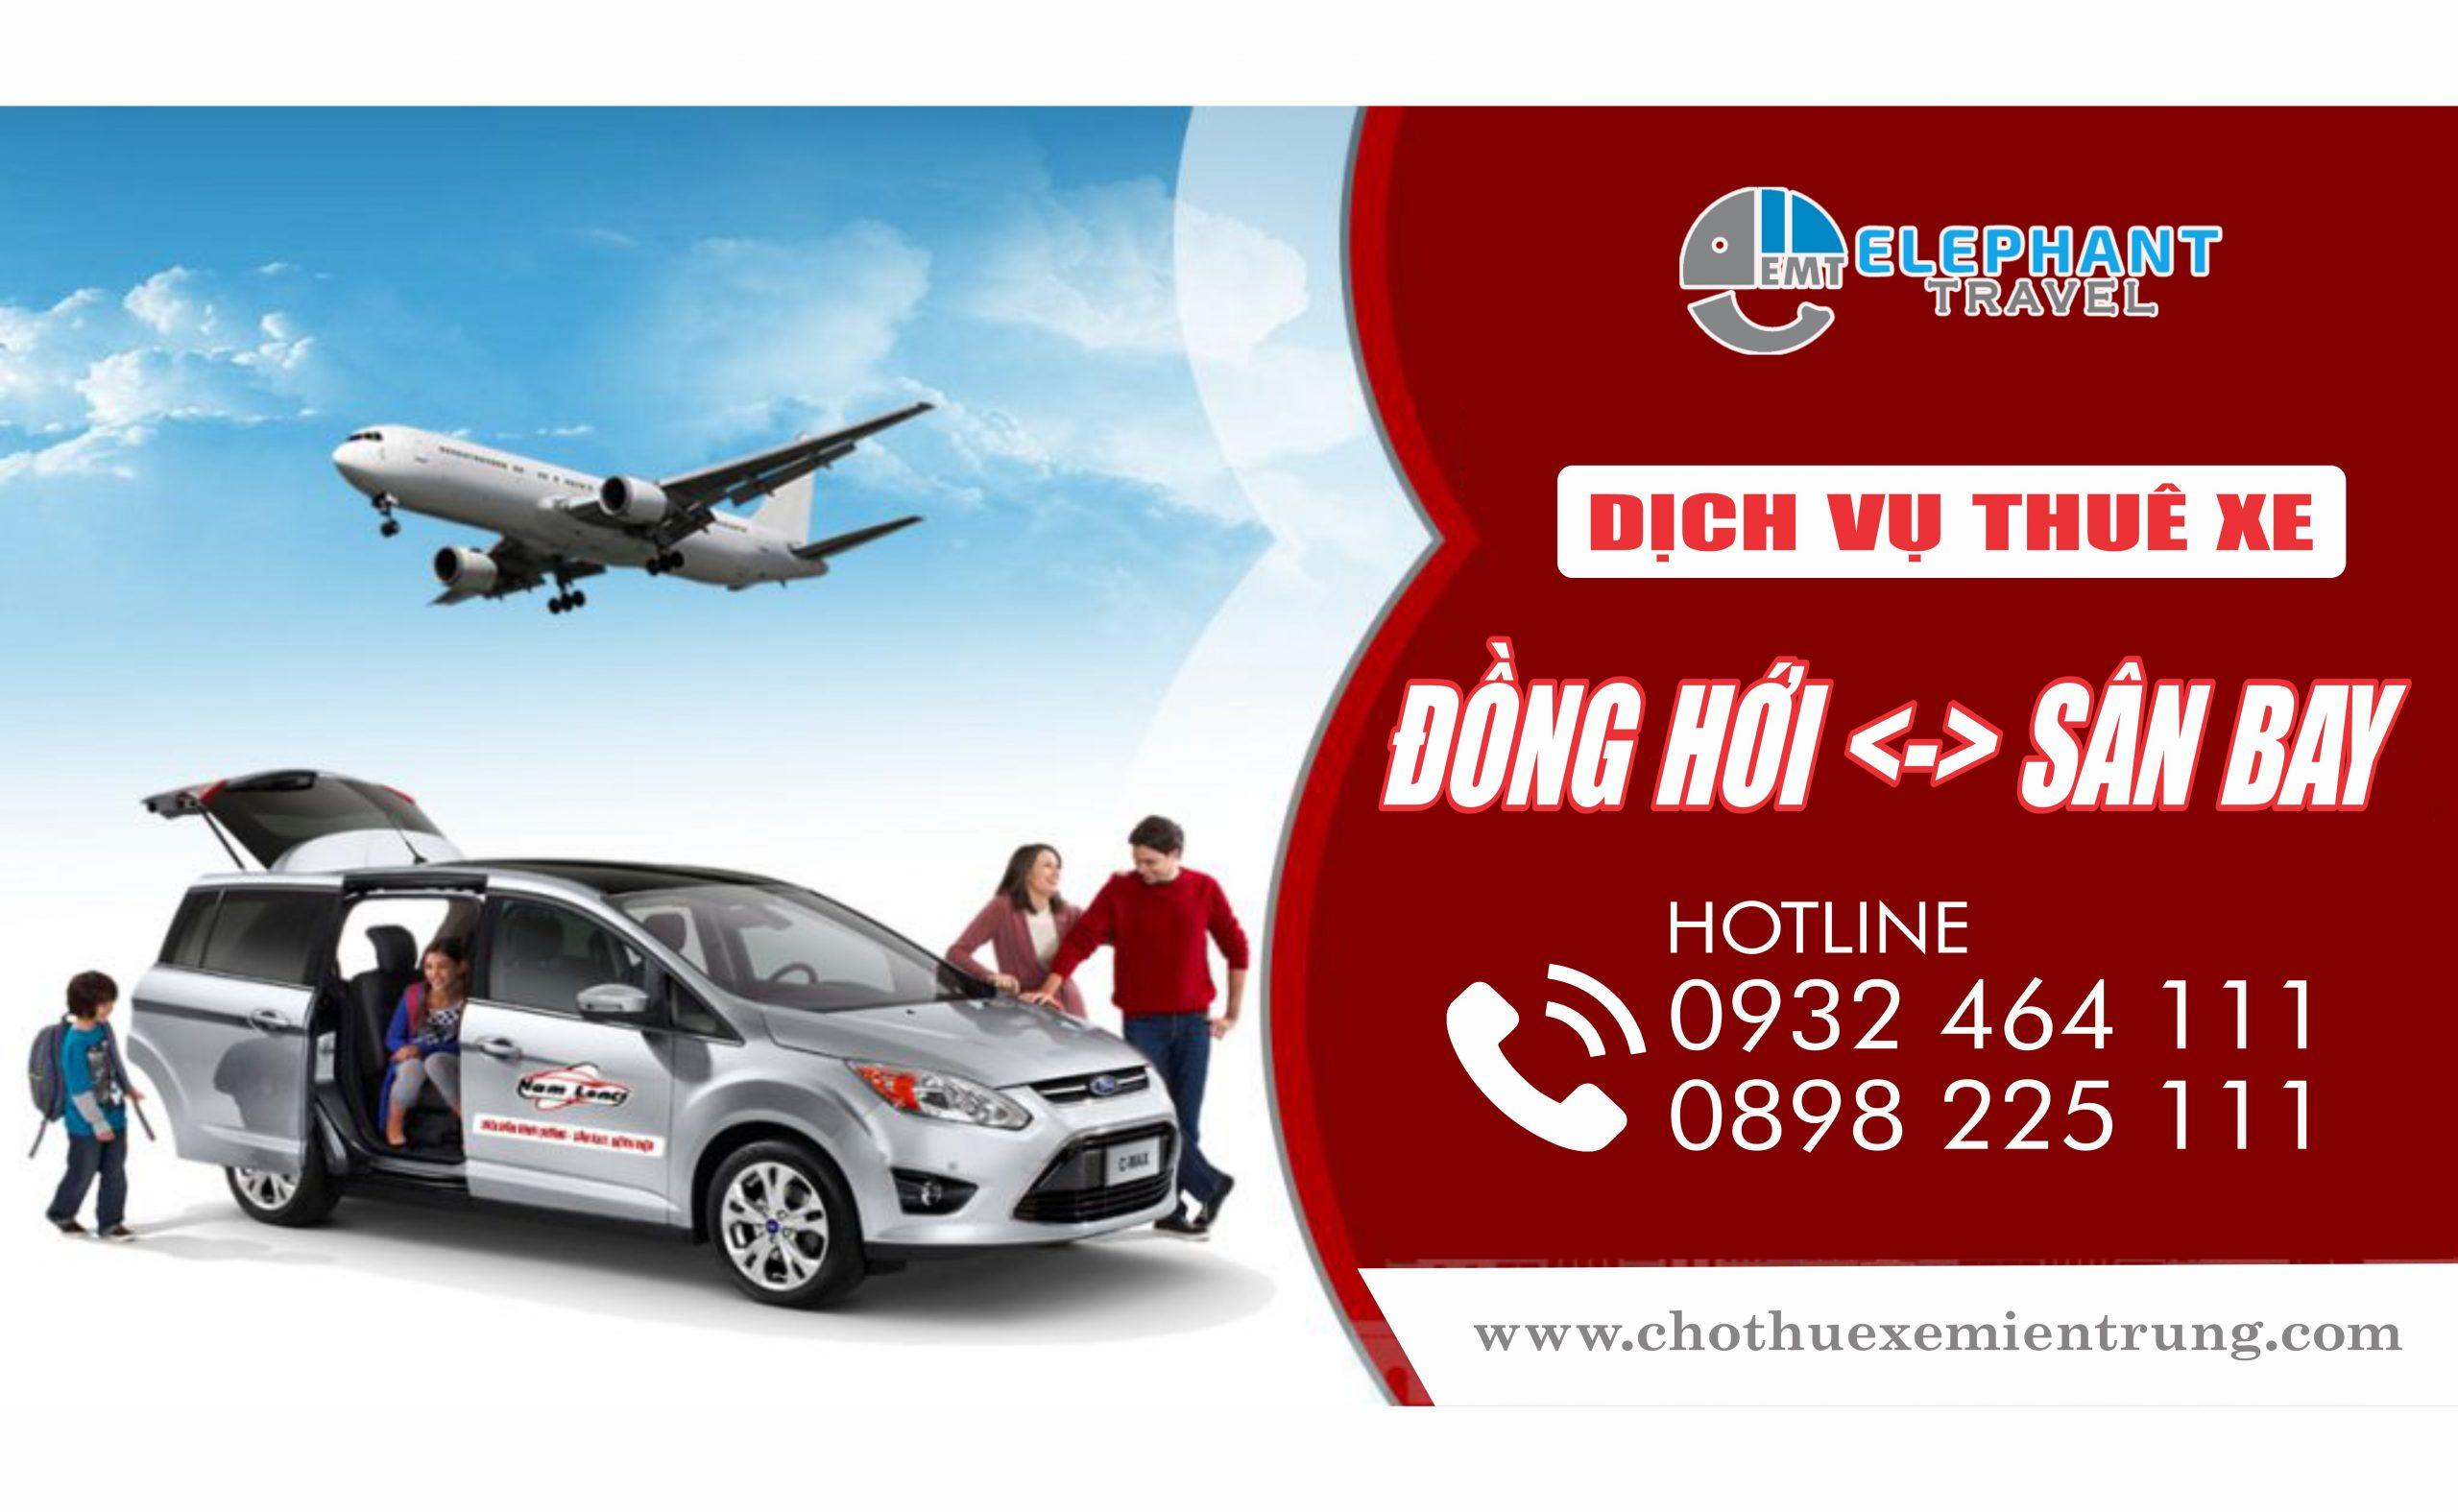 Dịch vụ thuê xe đón tiễn sân bay Đồng Hới Quảng Bình